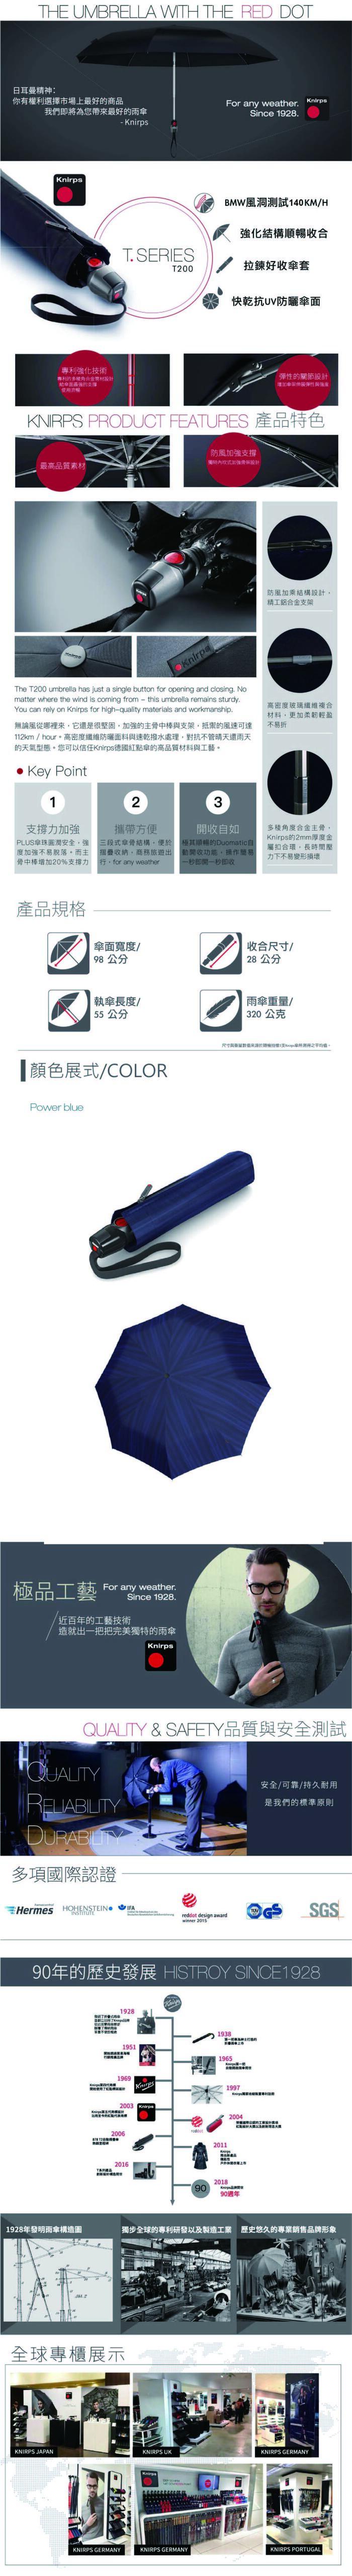 Knirps德國紅點傘 T.200 自動開收傘- Power blue